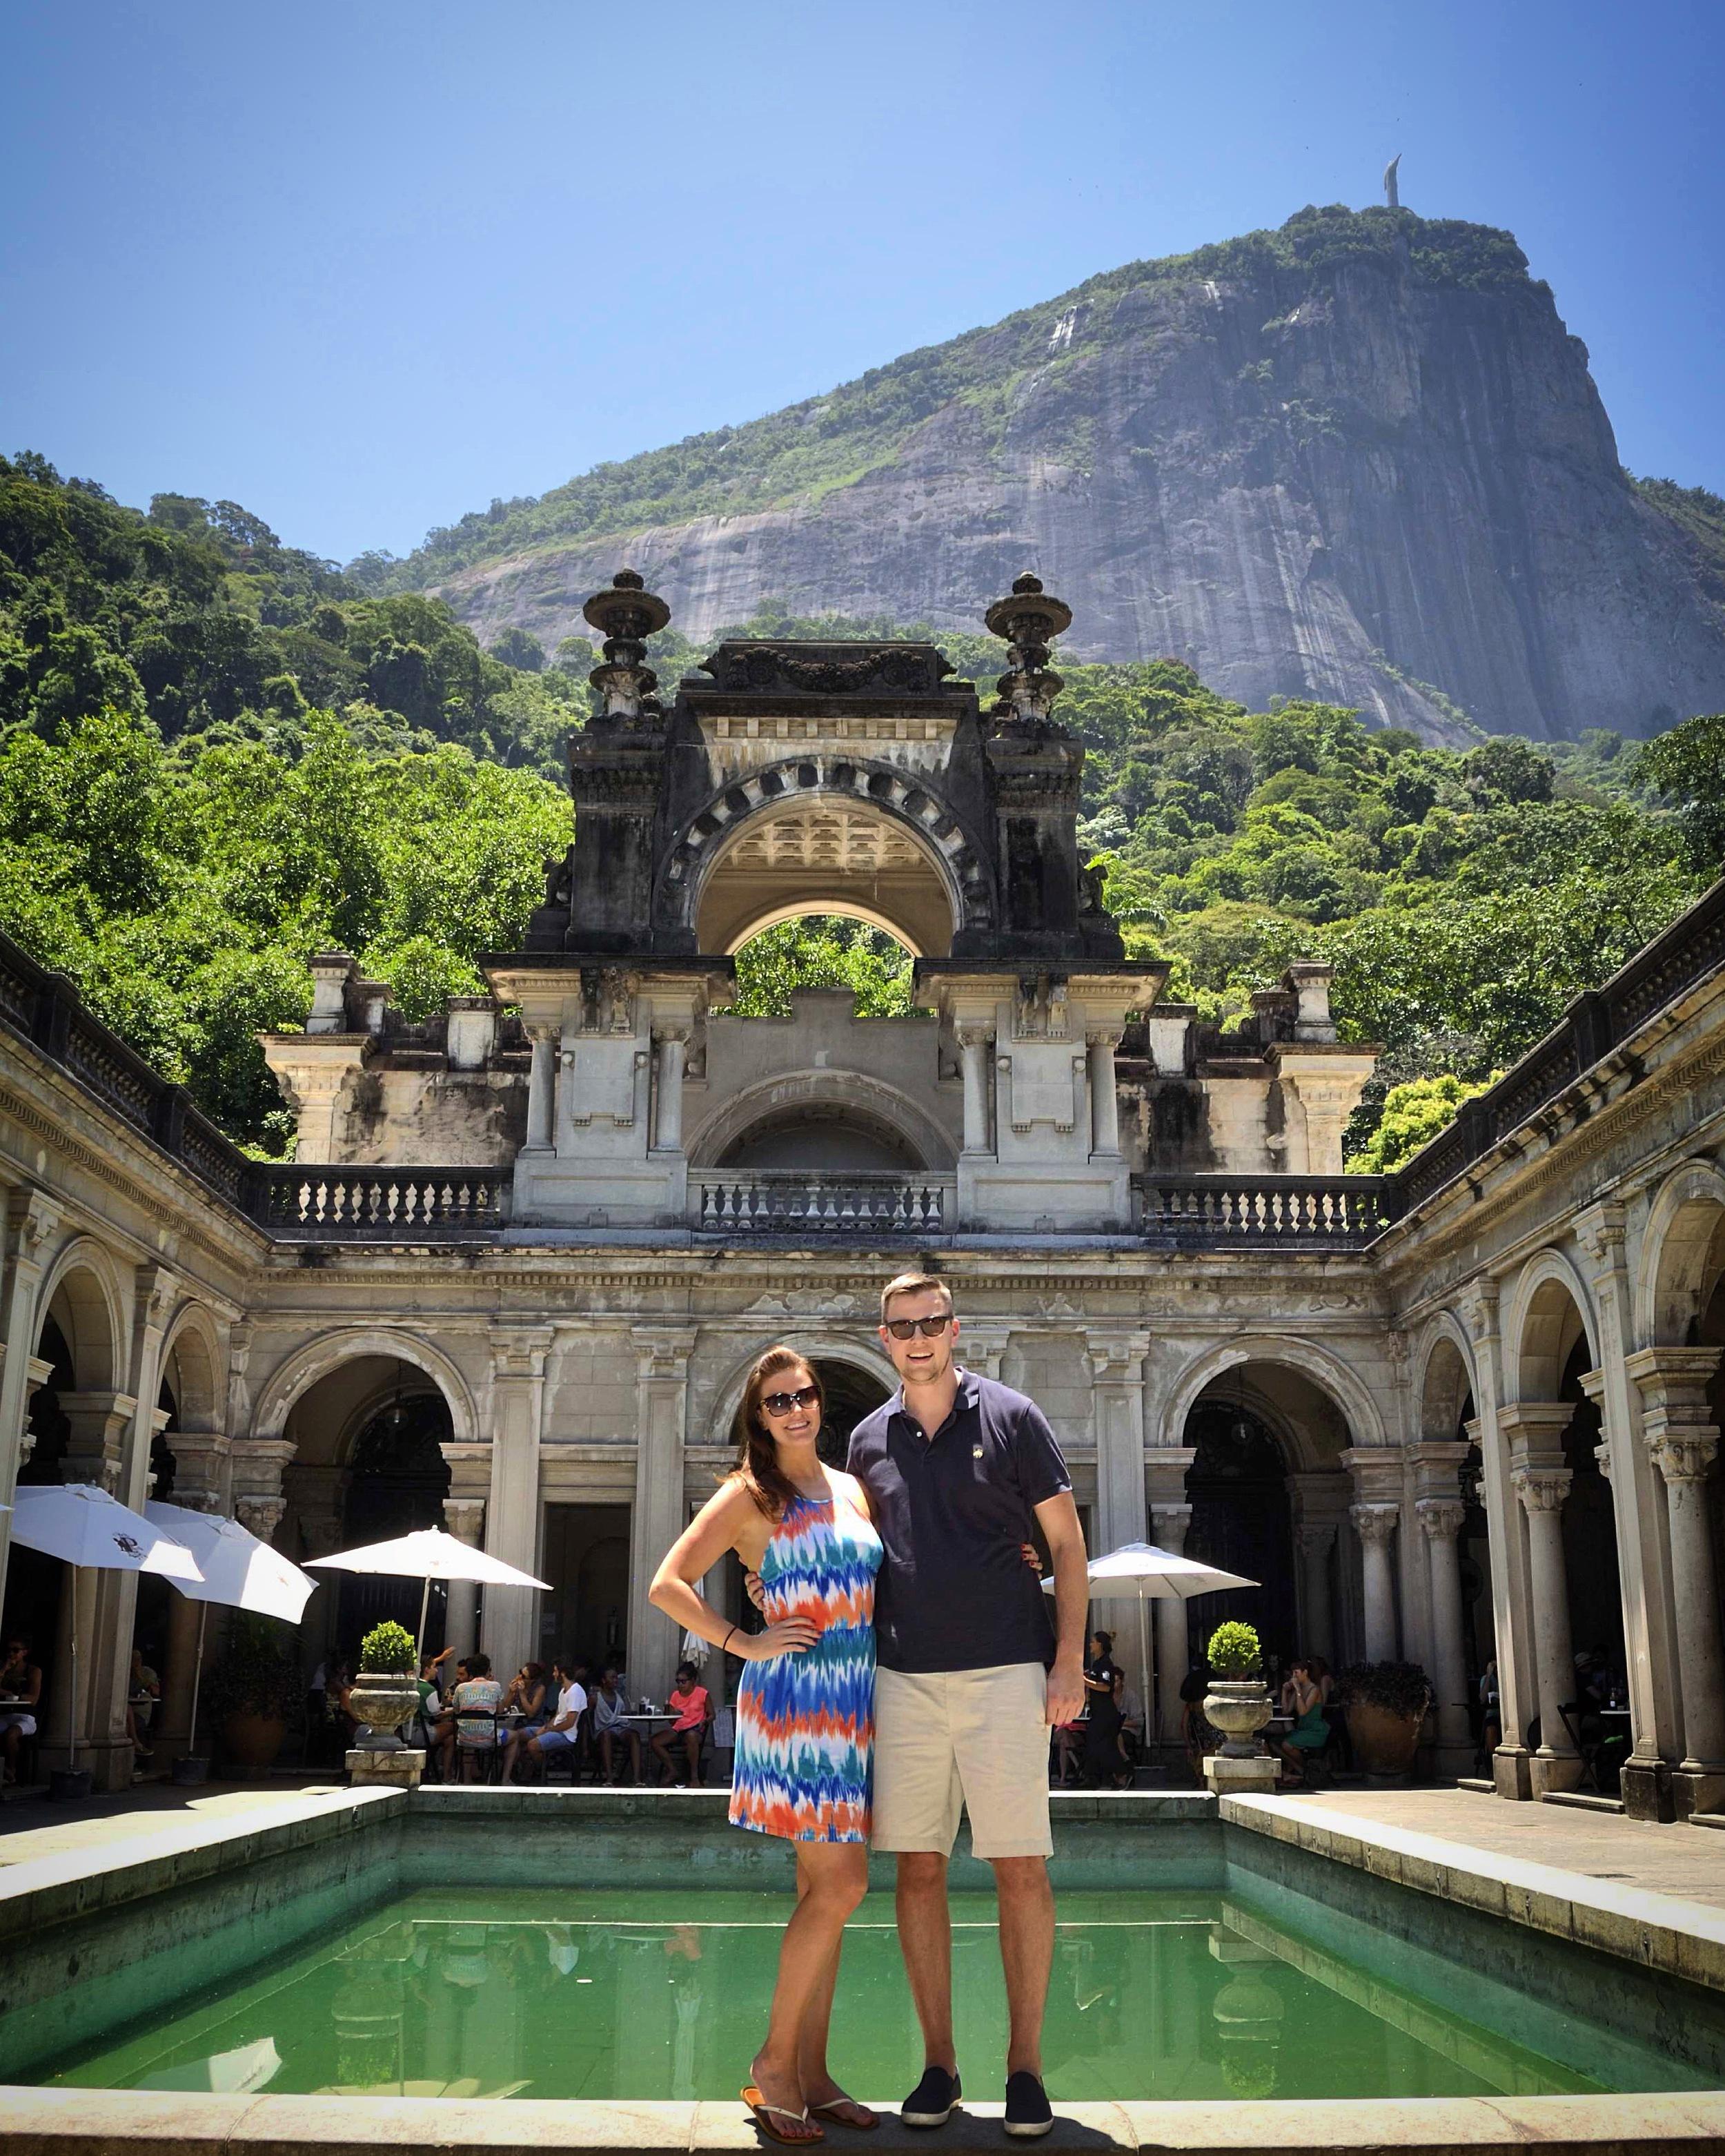 Rio De Janeiro, Brazil - Parque Lage - Christ the Redeemer